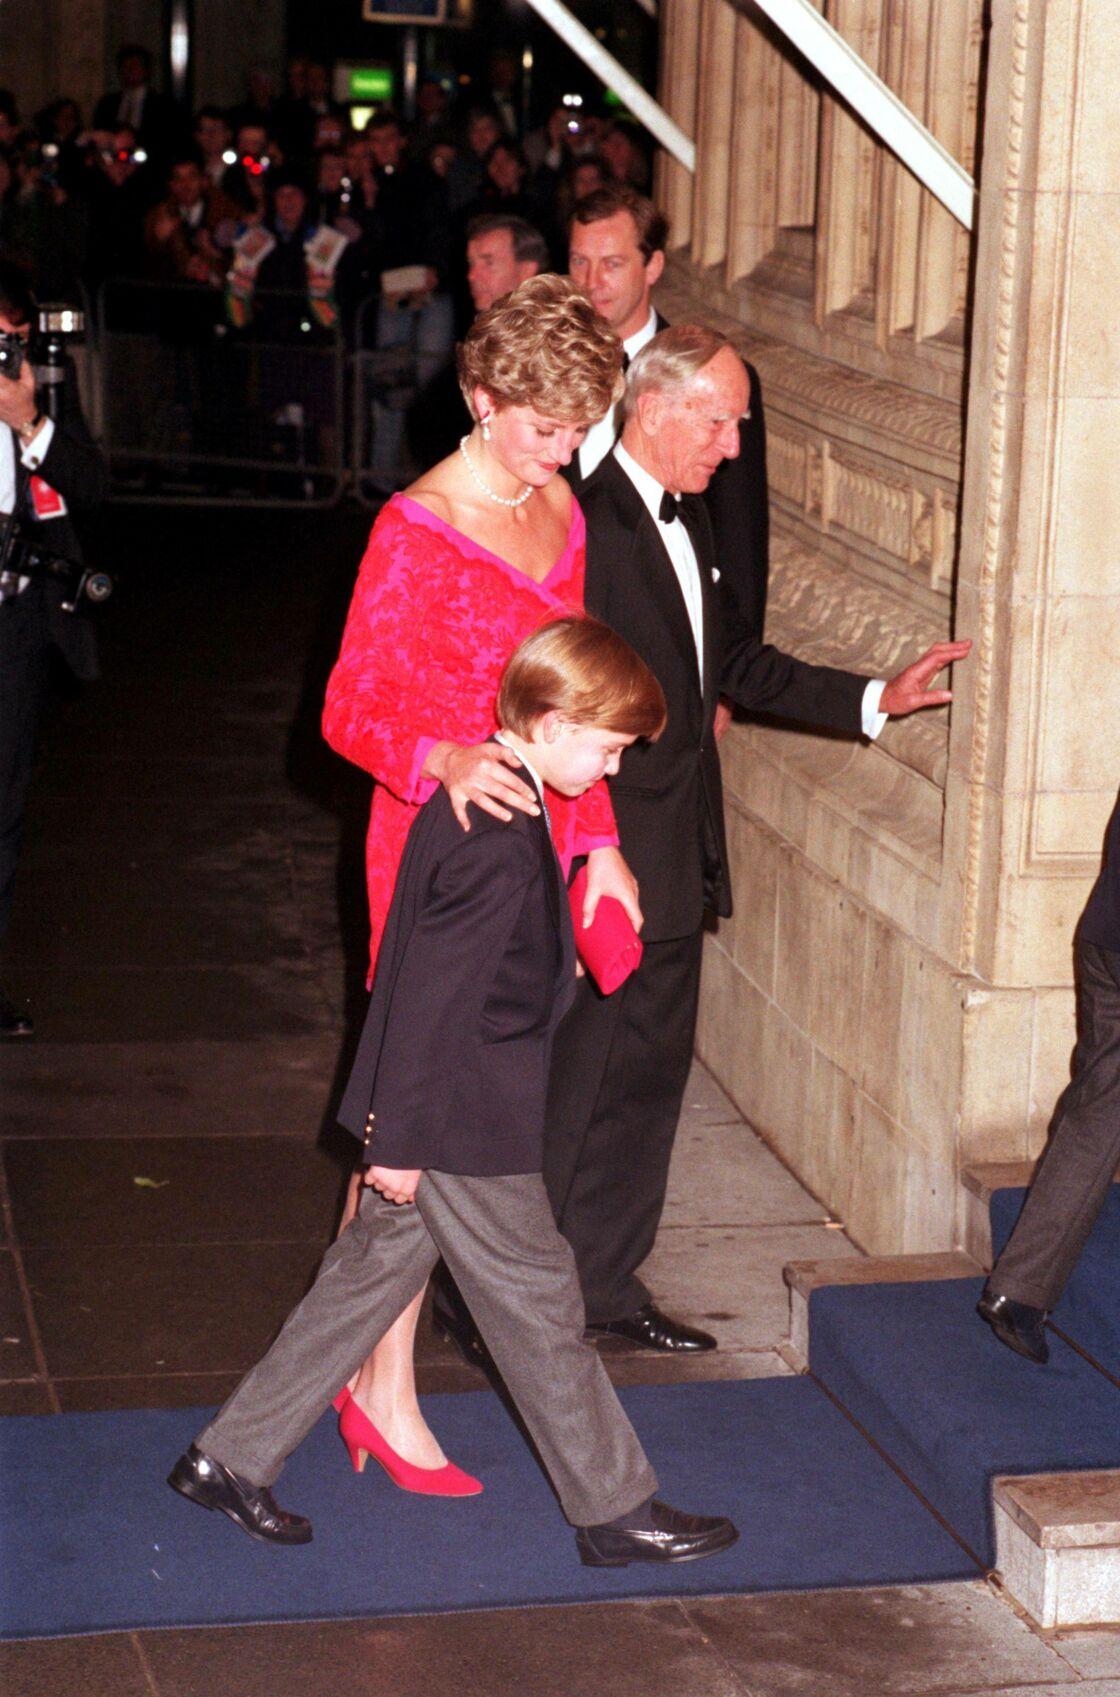 La princesse Diana arrive à une soirée accompagnée de son fils William